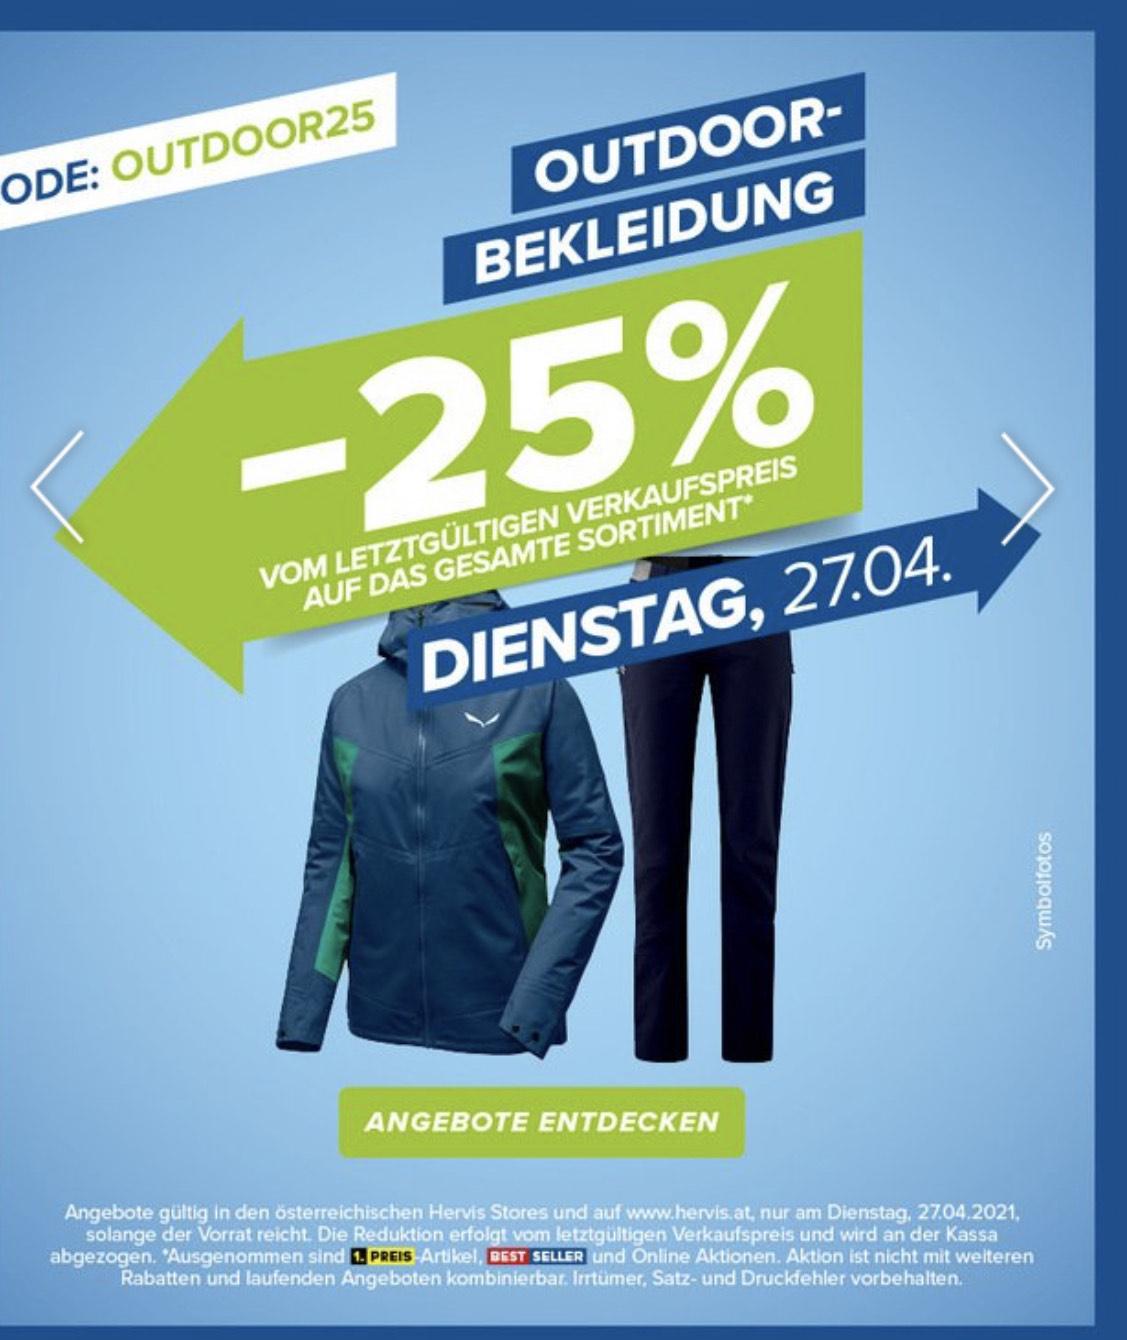 -25% auf Outdoorbekleidung beim Hervis nur am 27.04.